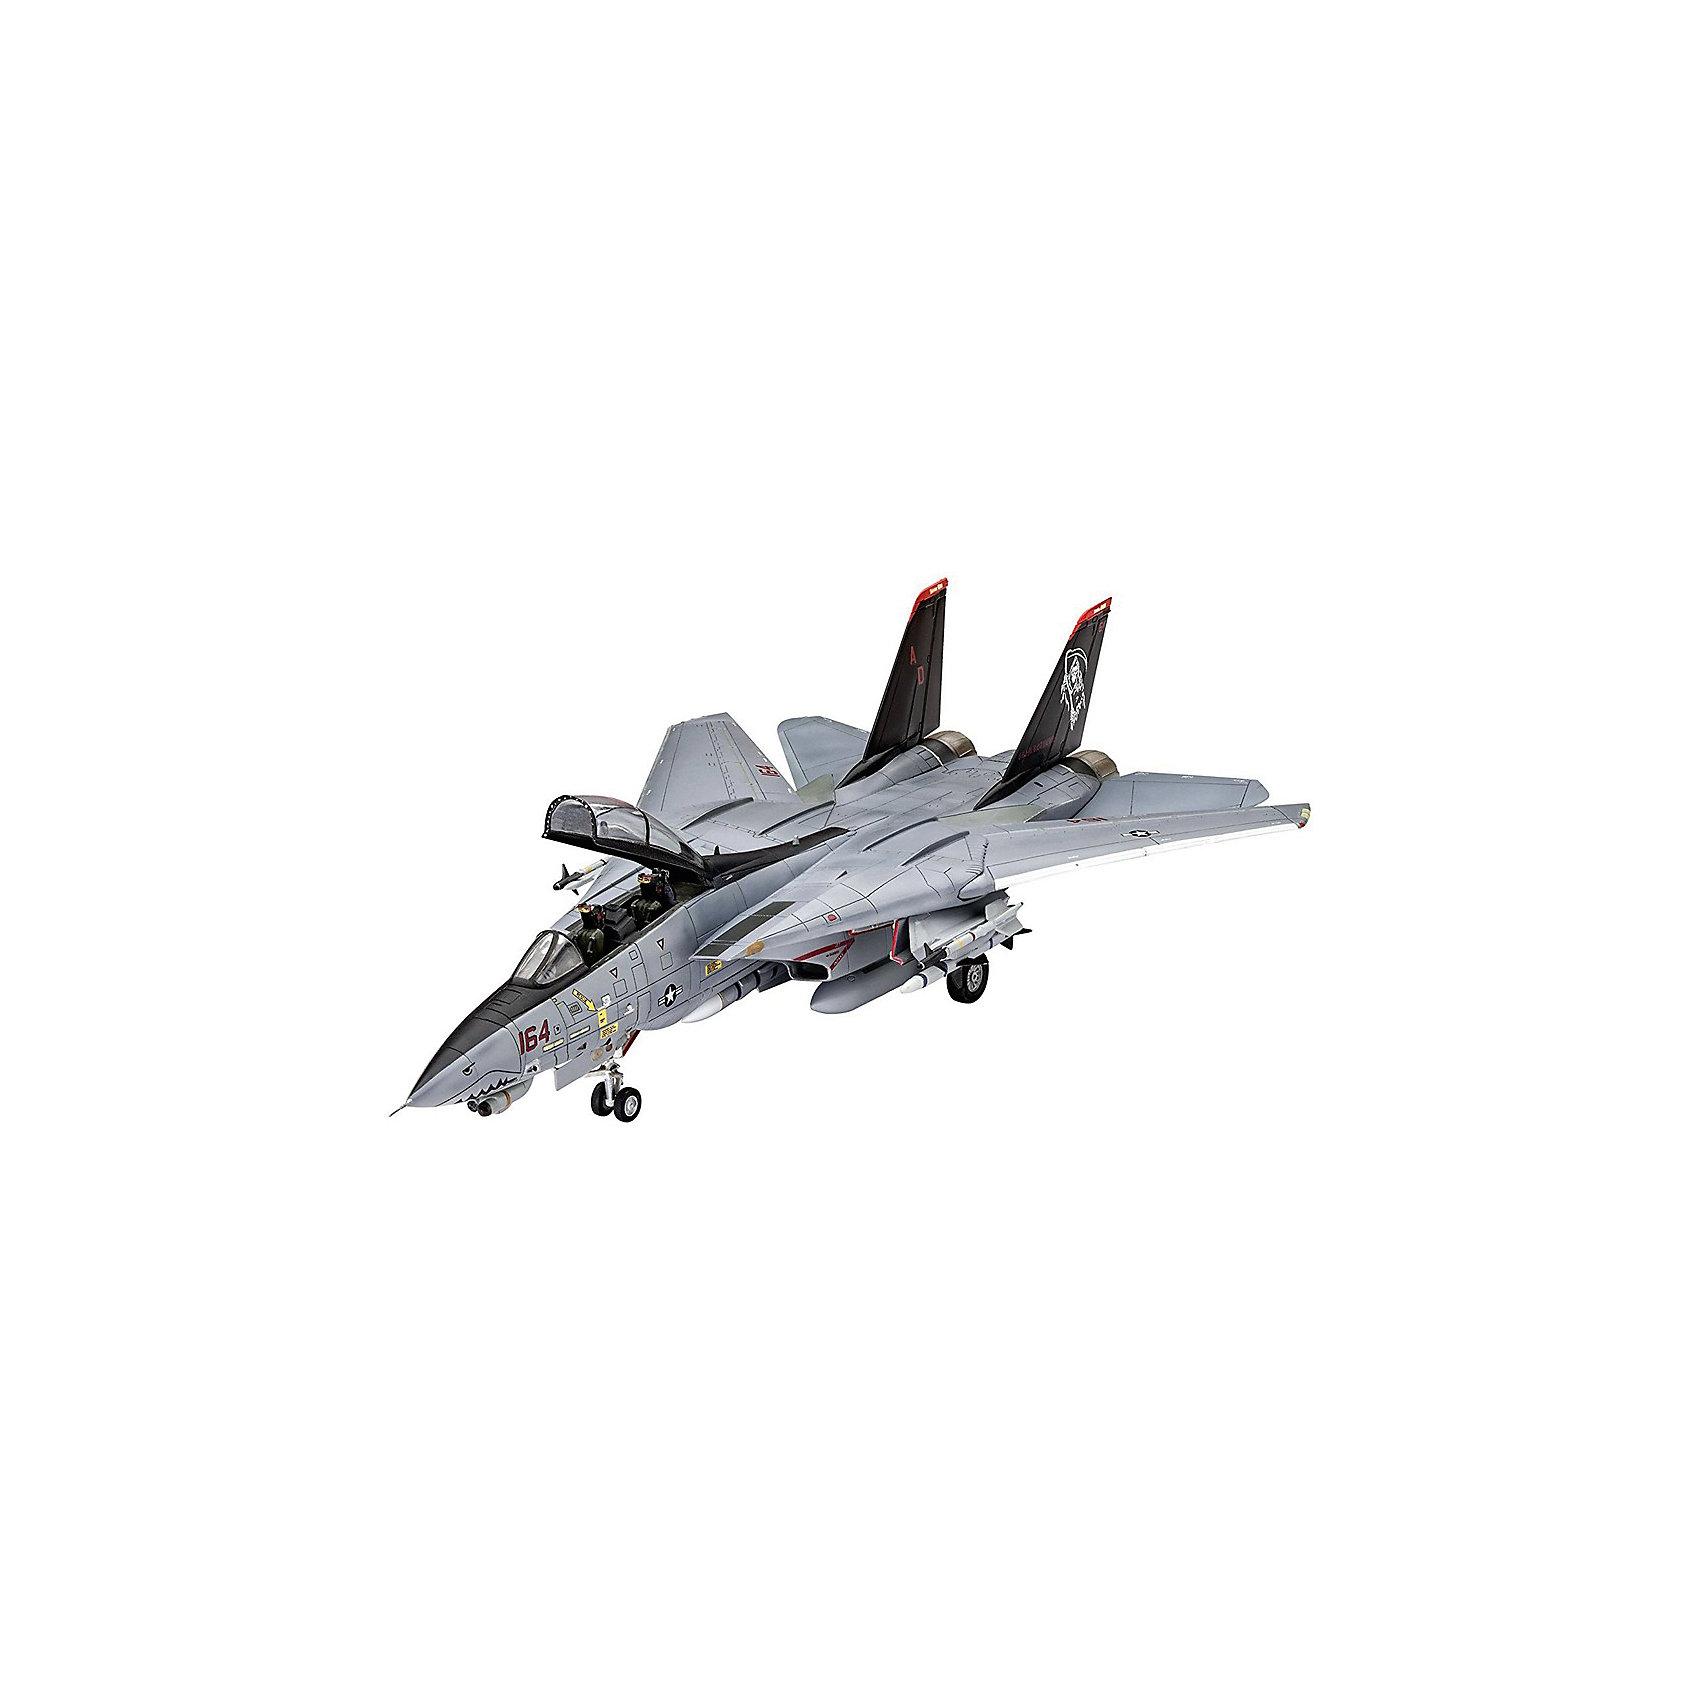 Палубный истребитель Грумман F-14D Super TomcatМодели для склеивания<br>Сборная модель американского самолета F-14D Super Tomcat. Истребитель в масштабе 1:72. <br>Набор состоит из 111 деталей. Крылья модели подвижны и могут изменять свою геометрию. Среди деталей присутствуют  дополнительные баки и навесное вооружение <br>В наборе декаль для постройки следующей версии самолета:  <br>-F-14D Super Tomcat -VF-101 Grim Reapers, NAS Oceana 2004 <br>Расходные материалы для склеивания и покраски в набор не входят. Они, как и инструменты, приобретаются отдельно. <br>Модель может быть рекомендована для детей от 10 лет.<br><br>Ширина мм: 9999<br>Глубина мм: 9999<br>Высота мм: 9999<br>Вес г: 9999<br>Возраст от месяцев: 120<br>Возраст до месяцев: 2147483647<br>Пол: Мужской<br>Возраст: Детский<br>SKU: 7122361